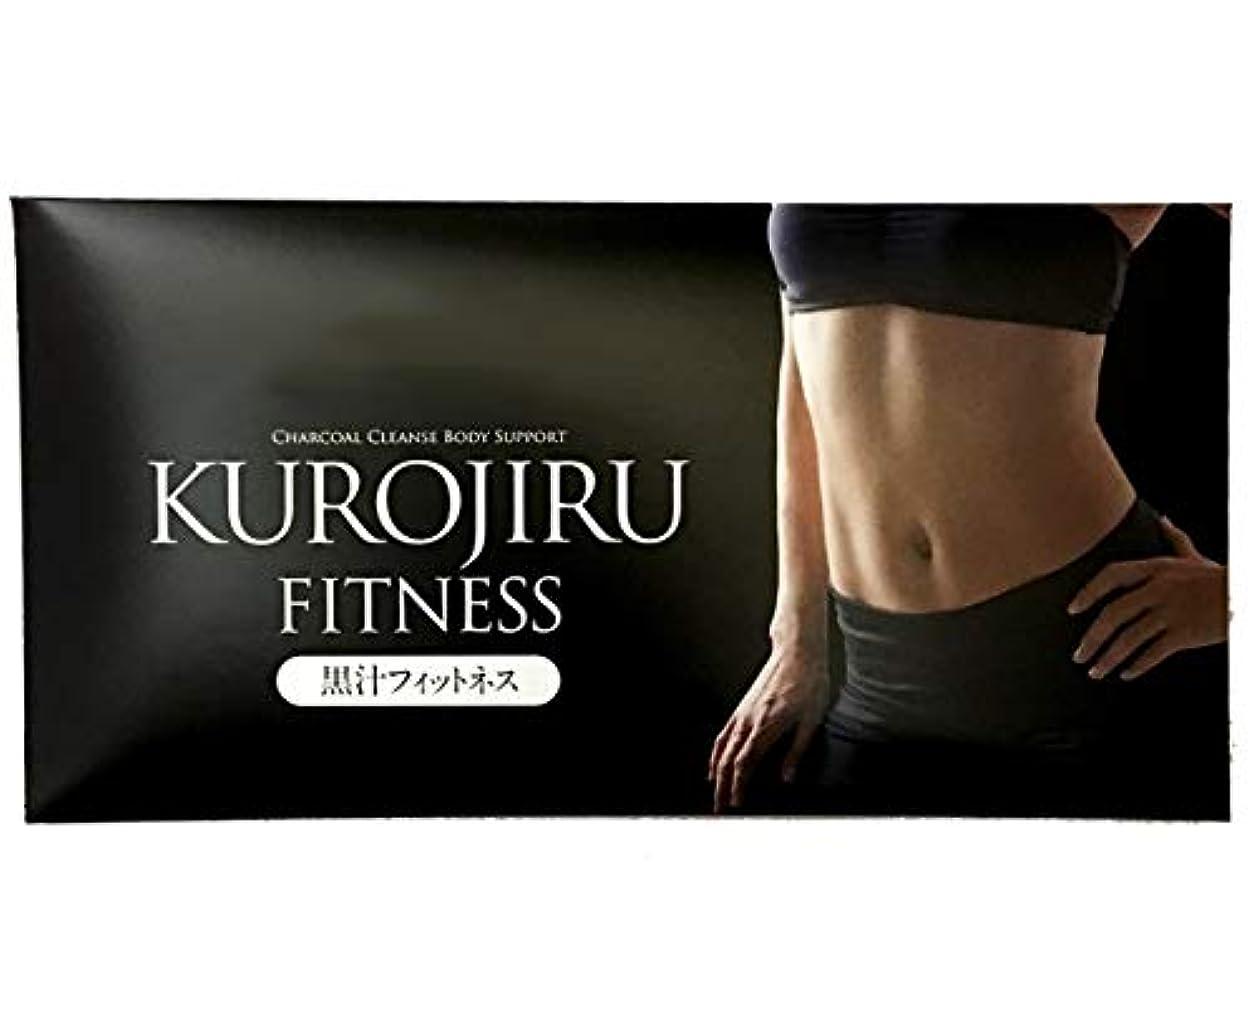 内側ブローホール天黒汁フィットネス(KUROJIRU FITNESS) 30包 チャコールクレンズ 赤松活性炭 オリゴ糖 サラシアエキス 酵素